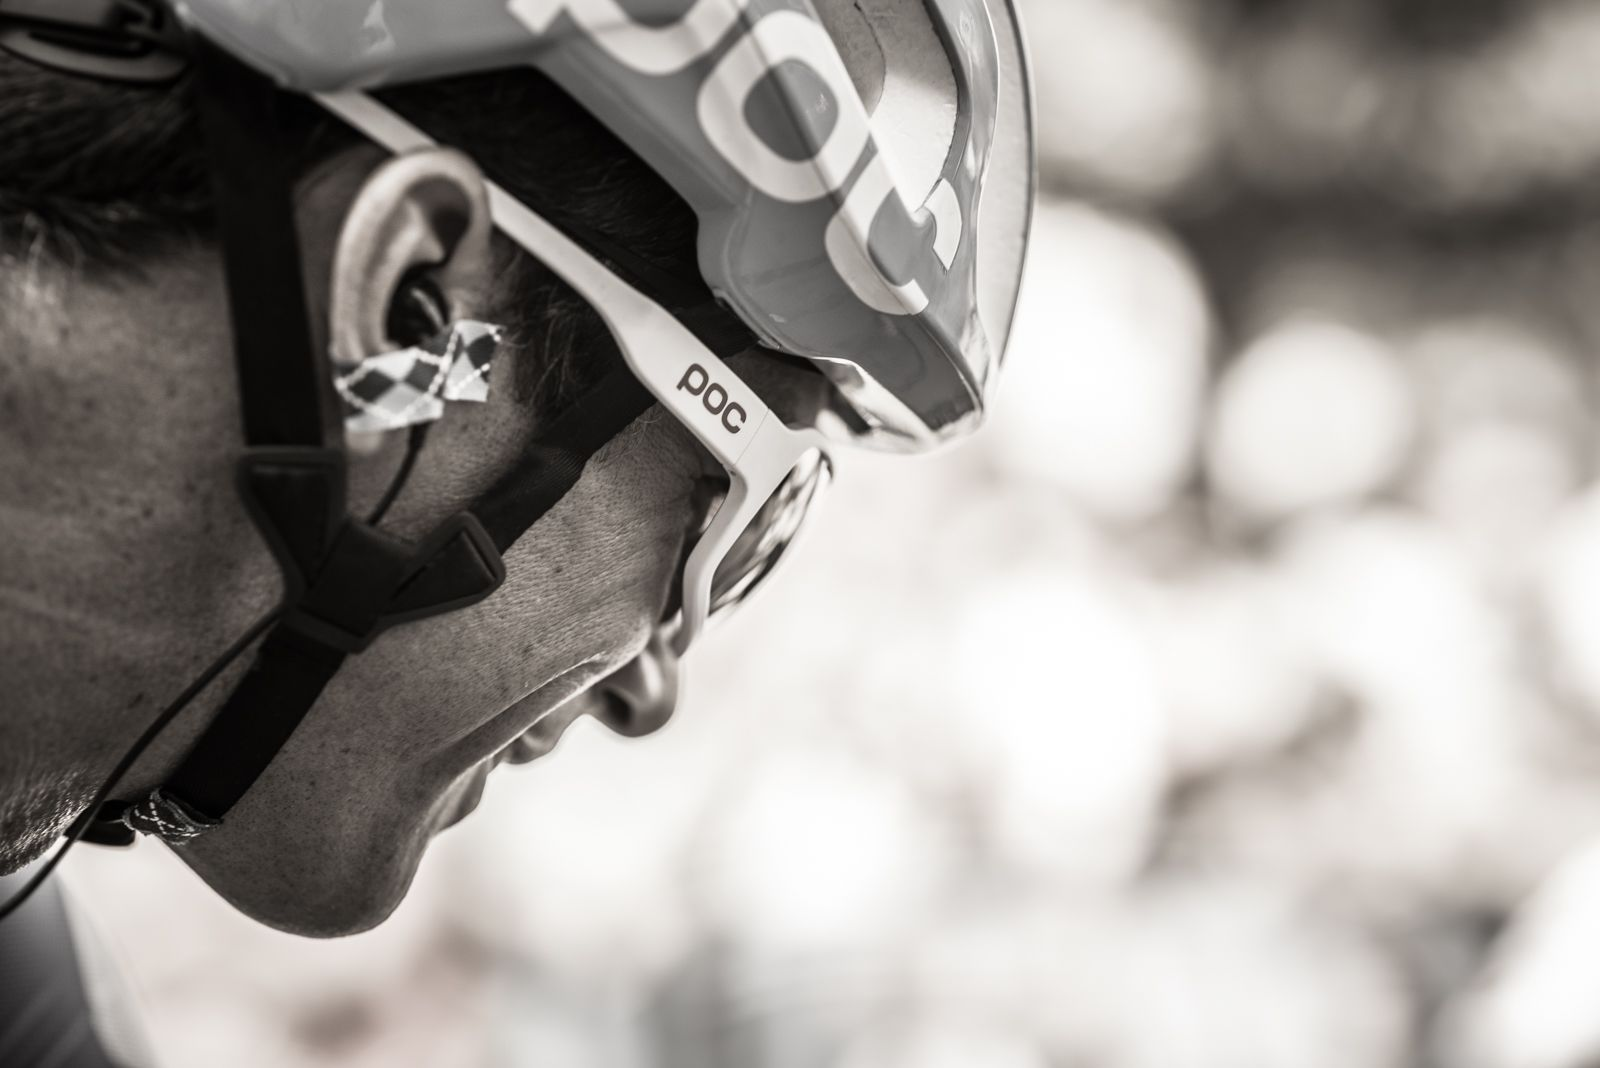 FOTOGRAPHIA DE LA VUELTA: STAGE 11 ‹ Peloton  #LaVuelta #LaVuelta2014 #Vuelta #Vuelta2014 #VueltaEspana